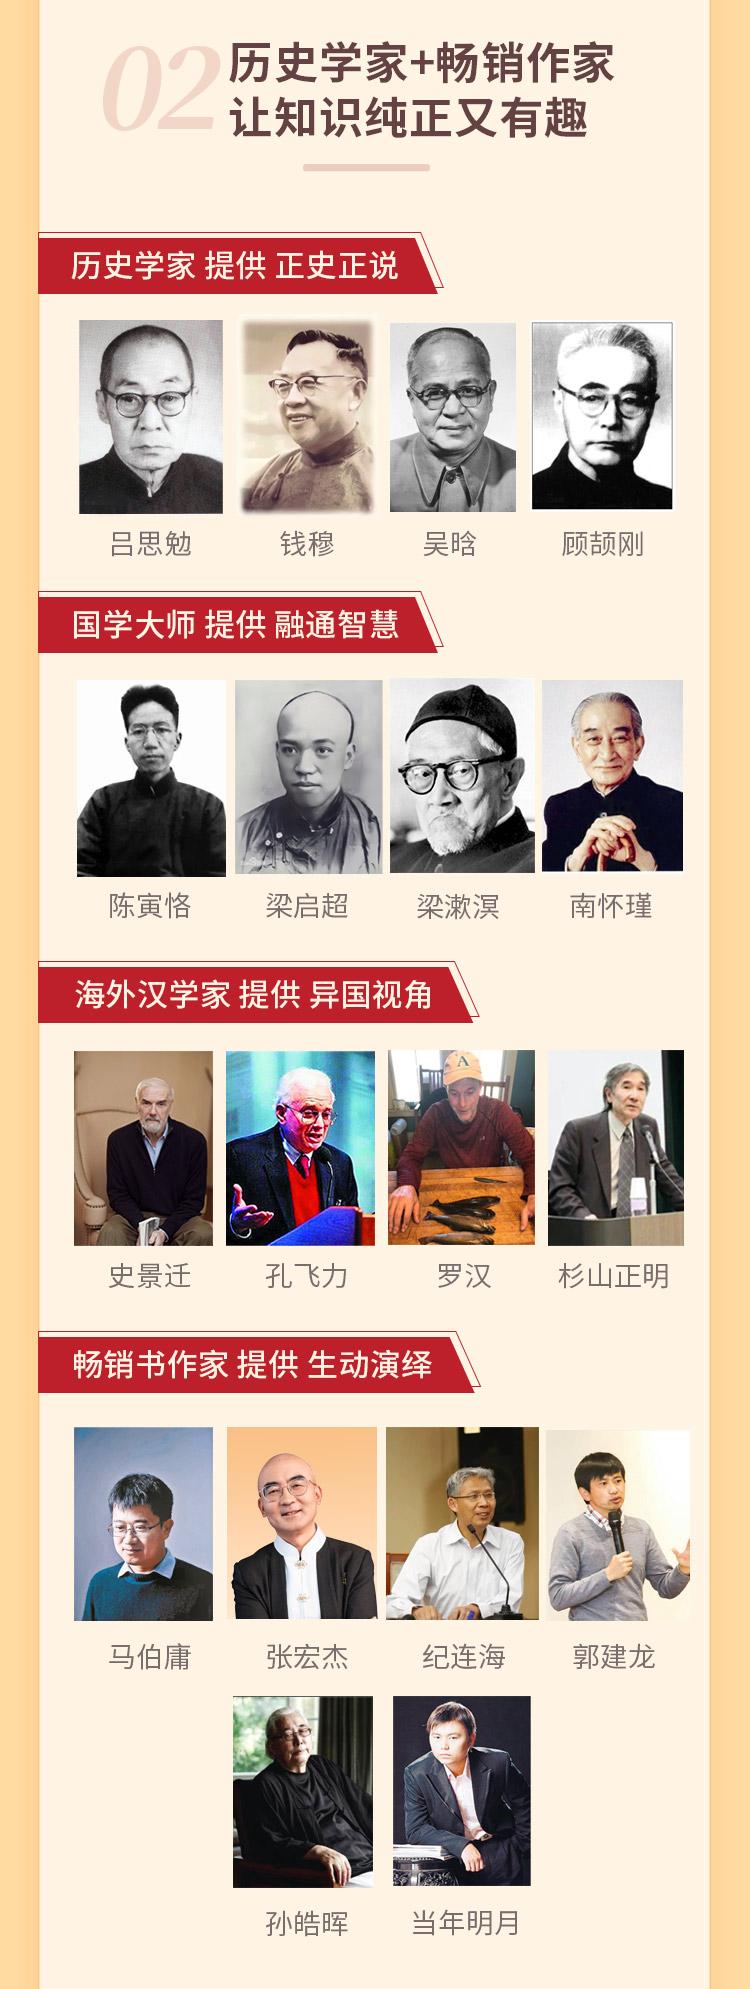 灿烂中国史:108本佳作带你纵览千年中华_11